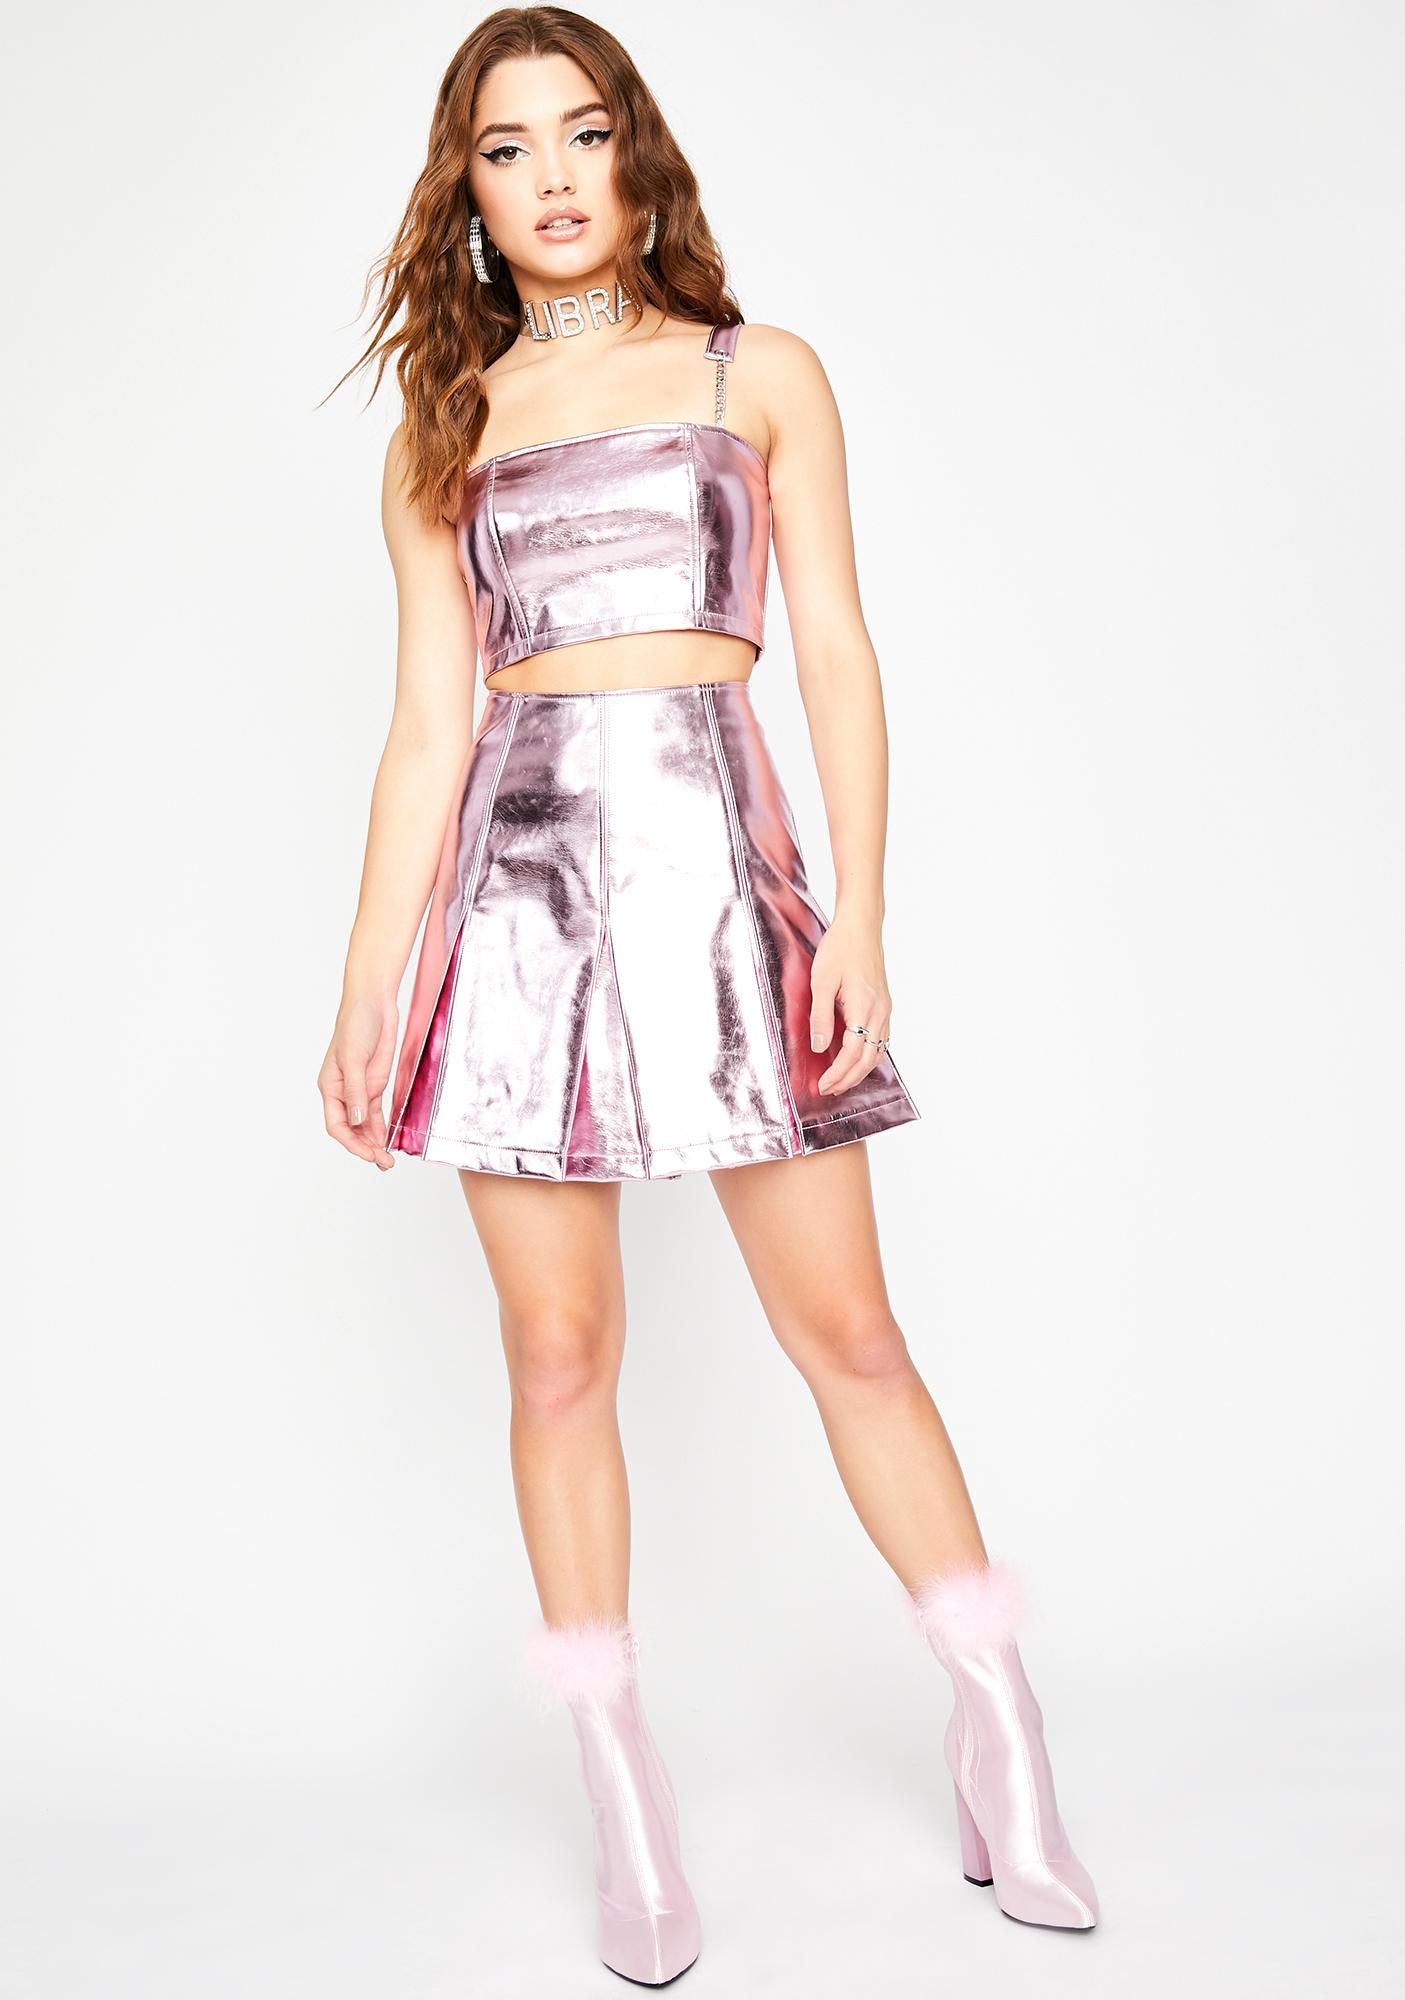 HOROSCOPEZ Magnetic Charm Metallic Skirt